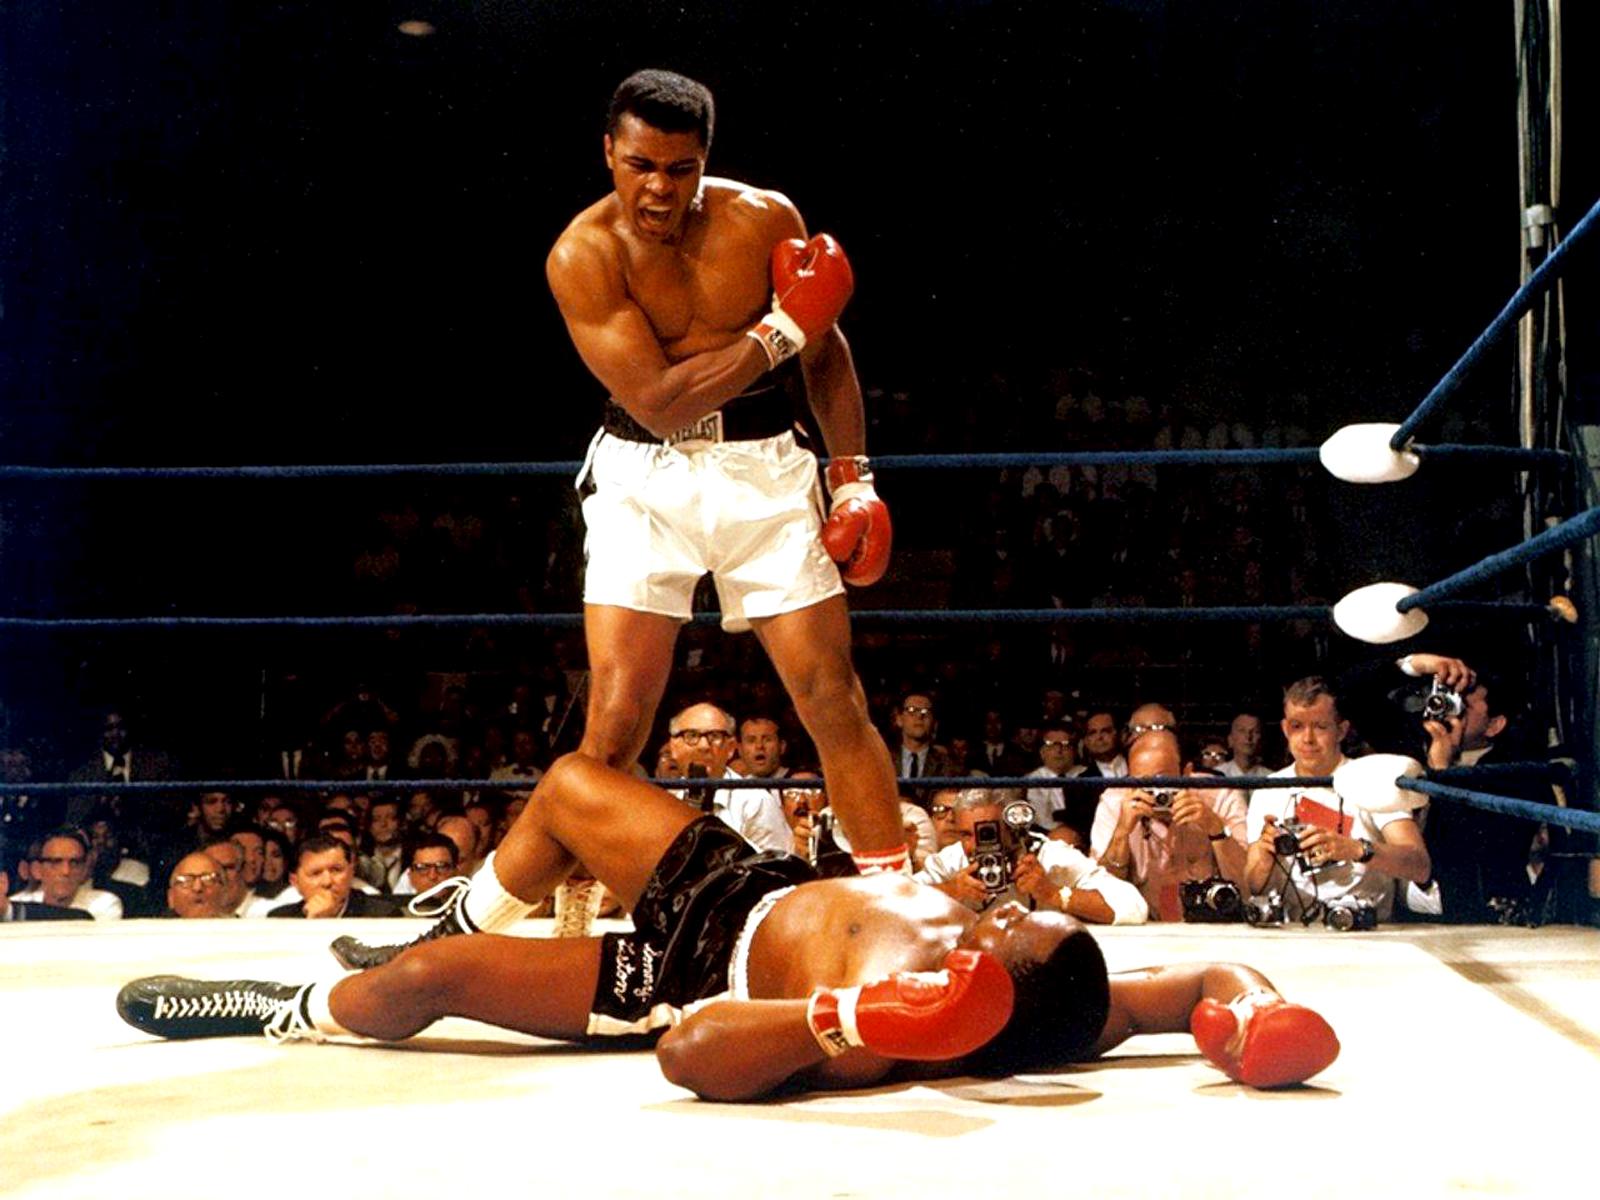 صور قصة محمد علي كلاي , قصة الملاكم محمد علي كلاي